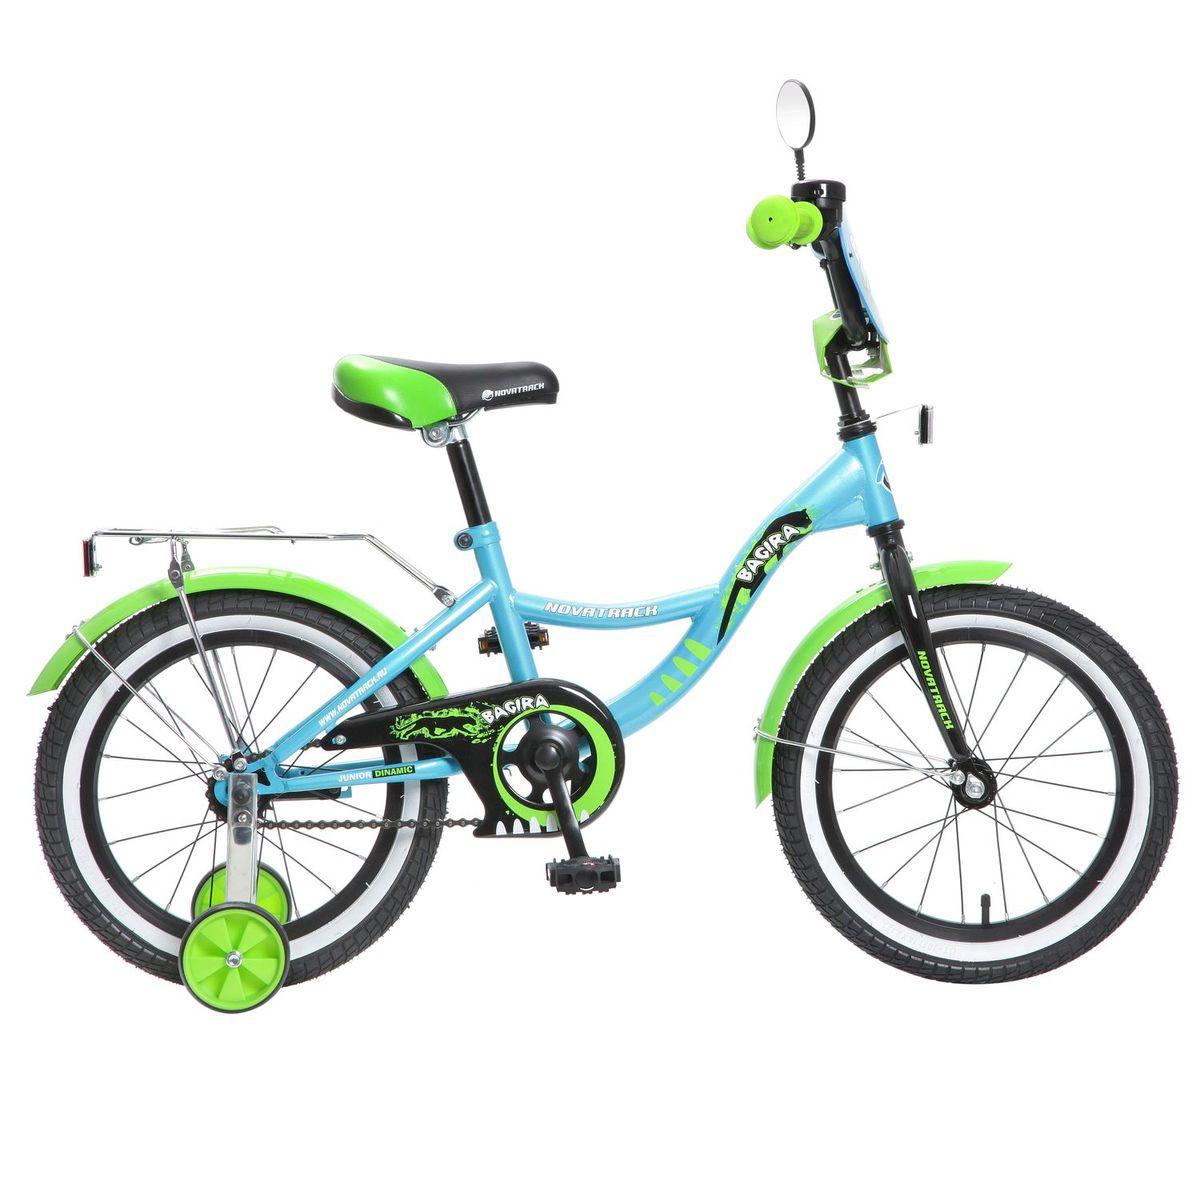 Велосипед детский Novatrack Bagira, цвет: синий, зеленый, 16167BAGIRA.BL6Велосипед Novatrack Bagira16-дюймовыми колесами это современный, удобный и безопасный велосипед для девочек от 5 до 7 лет. Велосипед укомплектовали мягким регулируемым седлом, которое обеспечит удобную посадку во время катания. Руль велосипеда также регулируется по высоте и наклону, благодаря чему велосипед прослужит ребенку не один год. Данная модель маневренна и легка в управлении, поэтому ребенку будет просто и интересно учиться кататься на велосипеде. По бокам имеются съемные дополнительные колеса, которые нужны до тех пор, пока ребенок не почувствует себя уверенно. Быстро затормозить поможет ножной тормоз. Для перевозки девчачьих аксессуаров и всяких нужностей велосипед оснастили багажником. На руле установлен звонкий гудок декоративный щиток и зеркальце, без которого не может обойтись ни одна модница.Над колесами располагаются стальные крылья, которые защитят от брызг и грязи.Какой велосипед выбрать? Статья OZON Гид